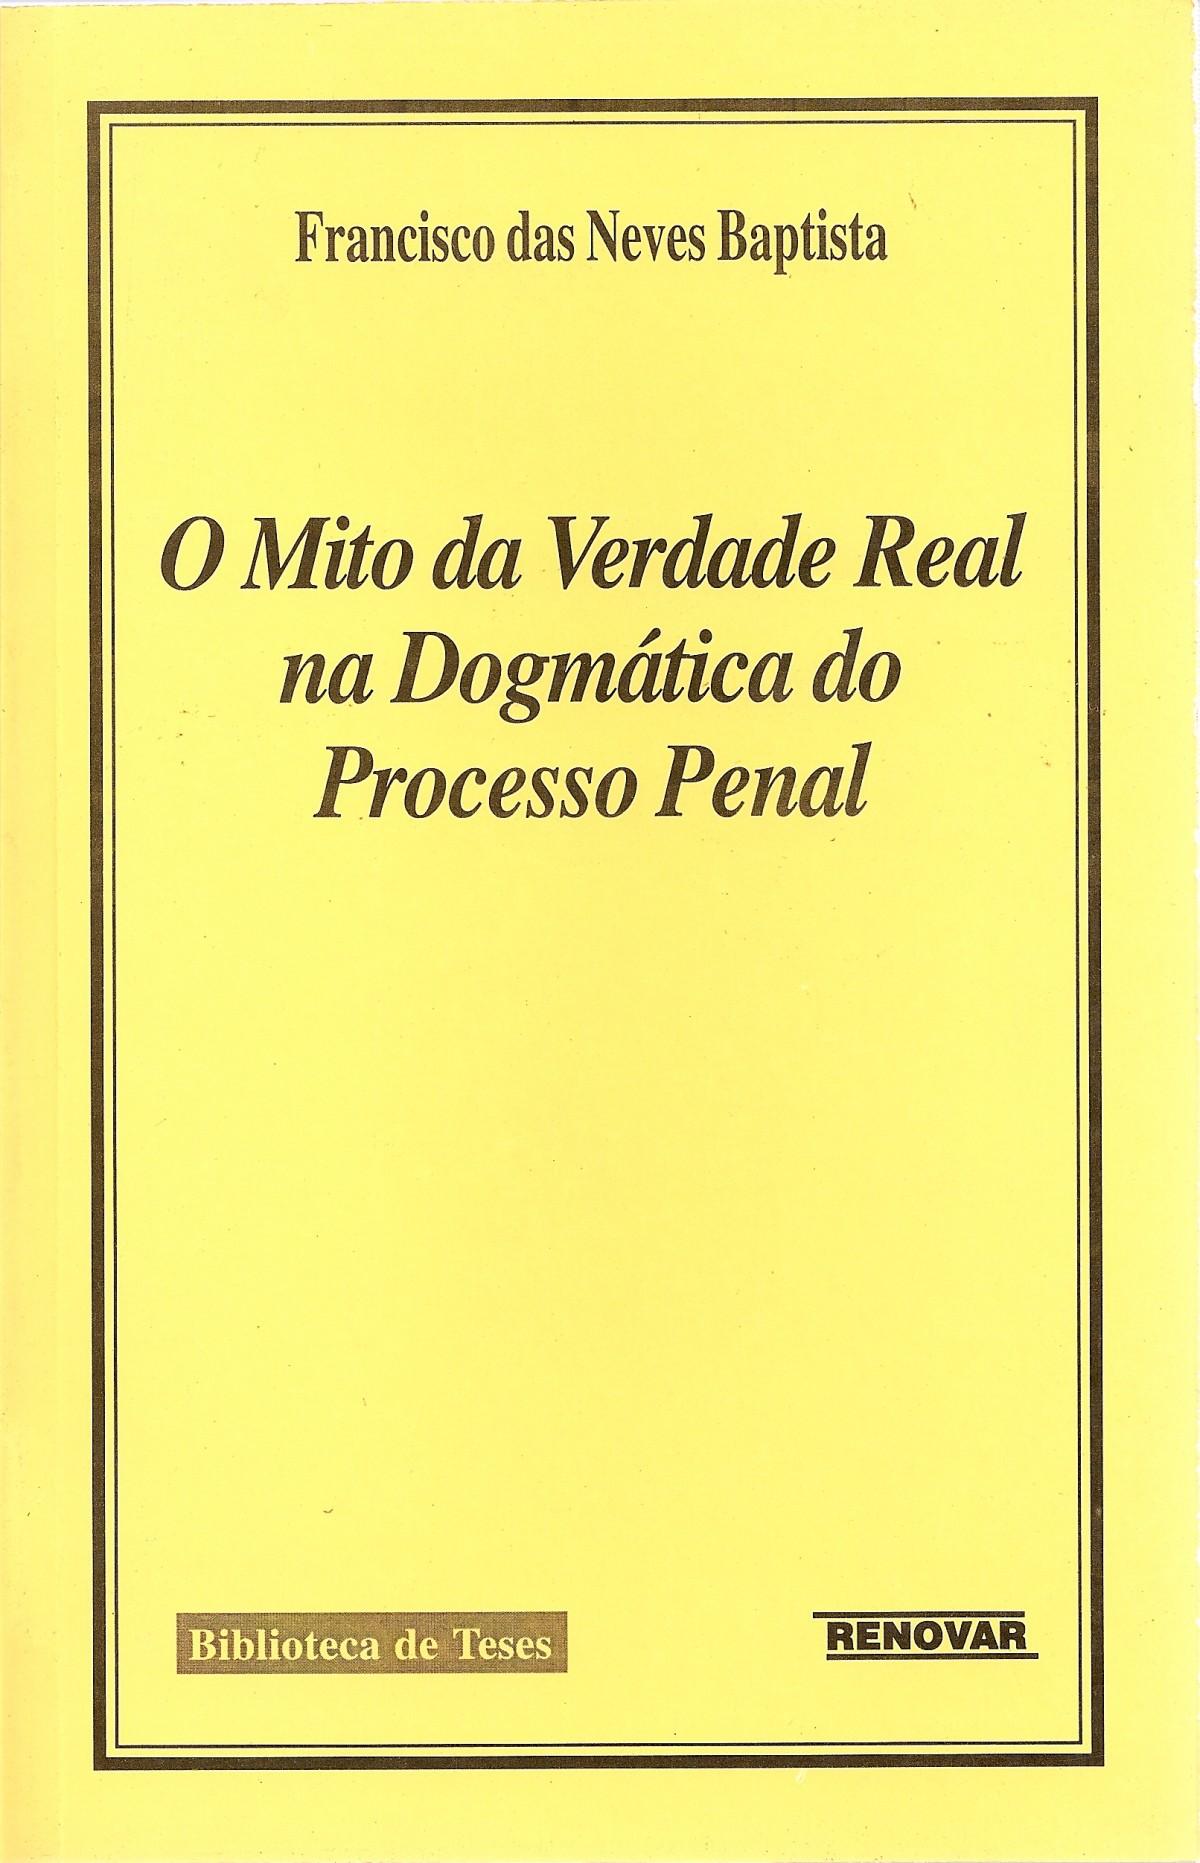 Foto 1 - O Mito da Verdade Real na Dogmática do Processo Penal